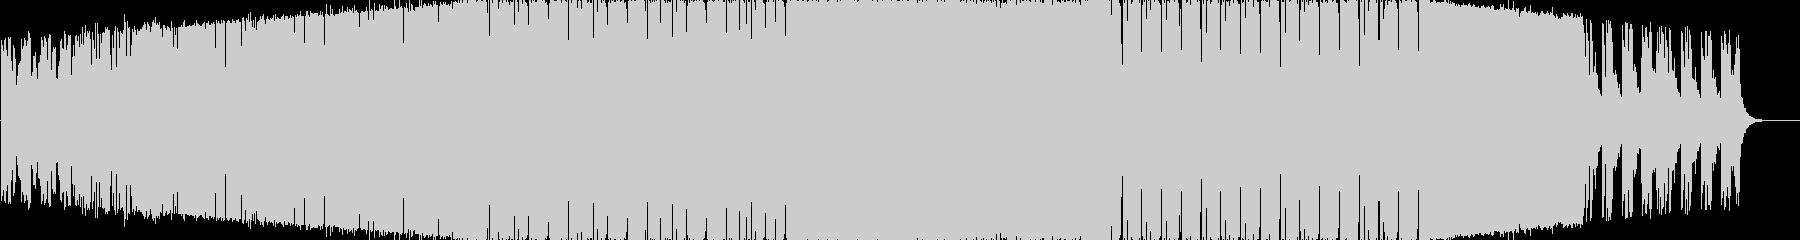 前向きでノリノリのEDM風BGMですの未再生の波形